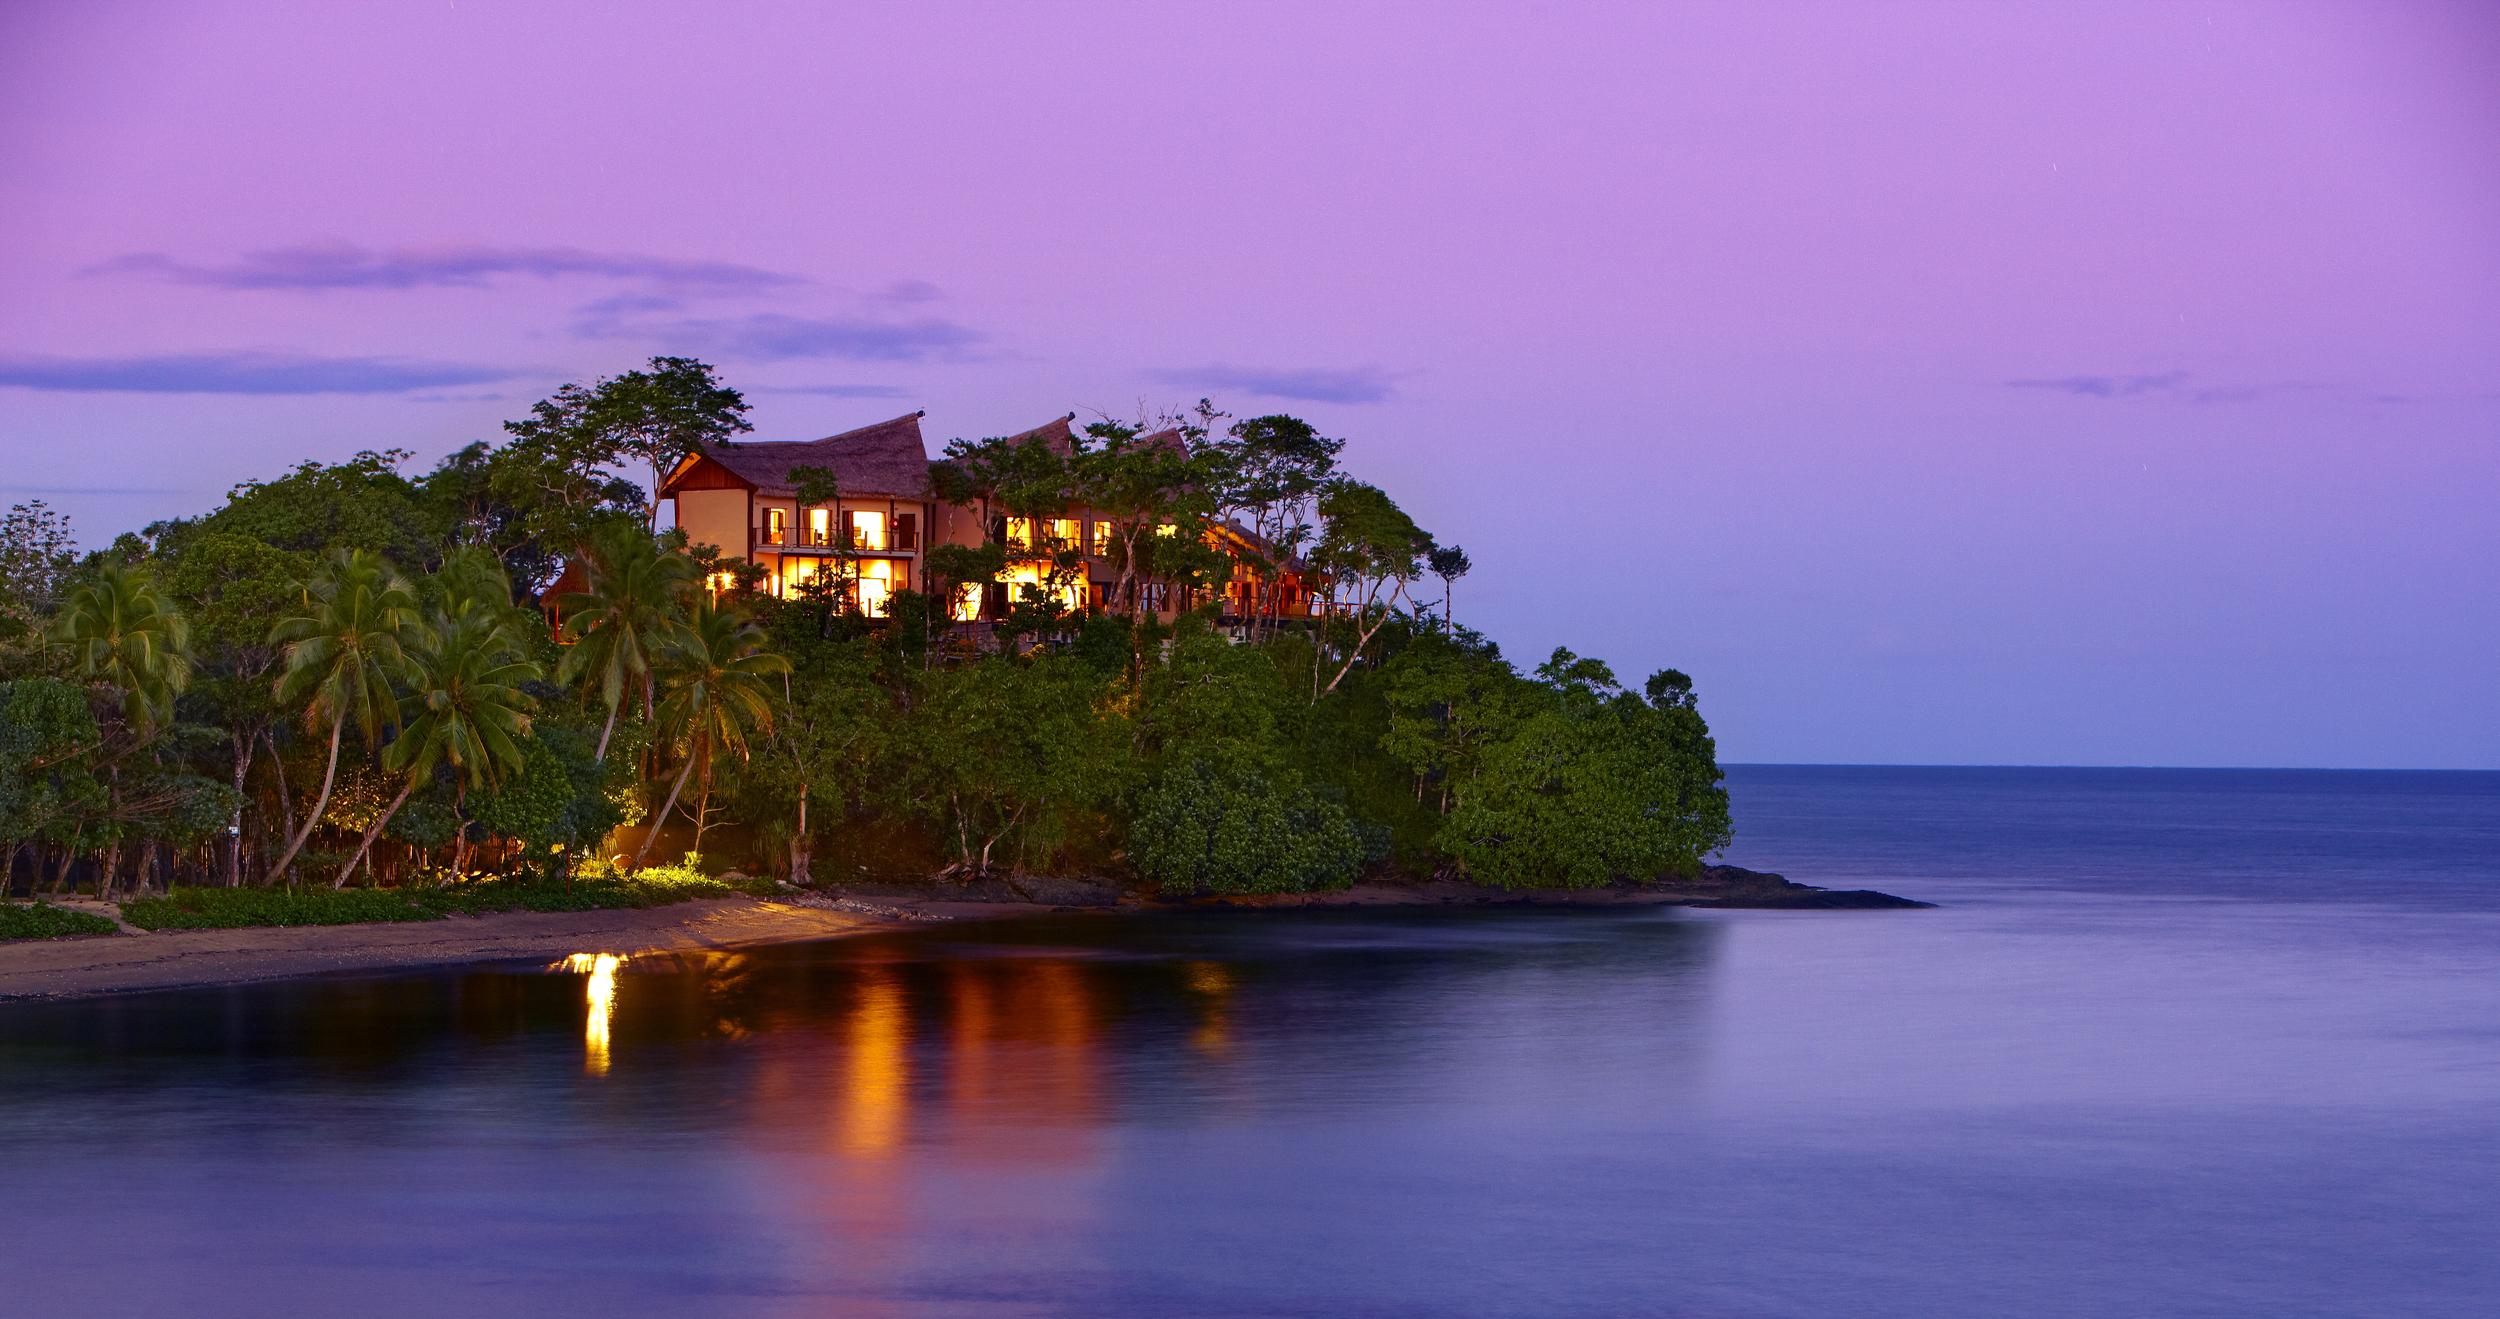 Vunikau Residence at Sunset.jpg